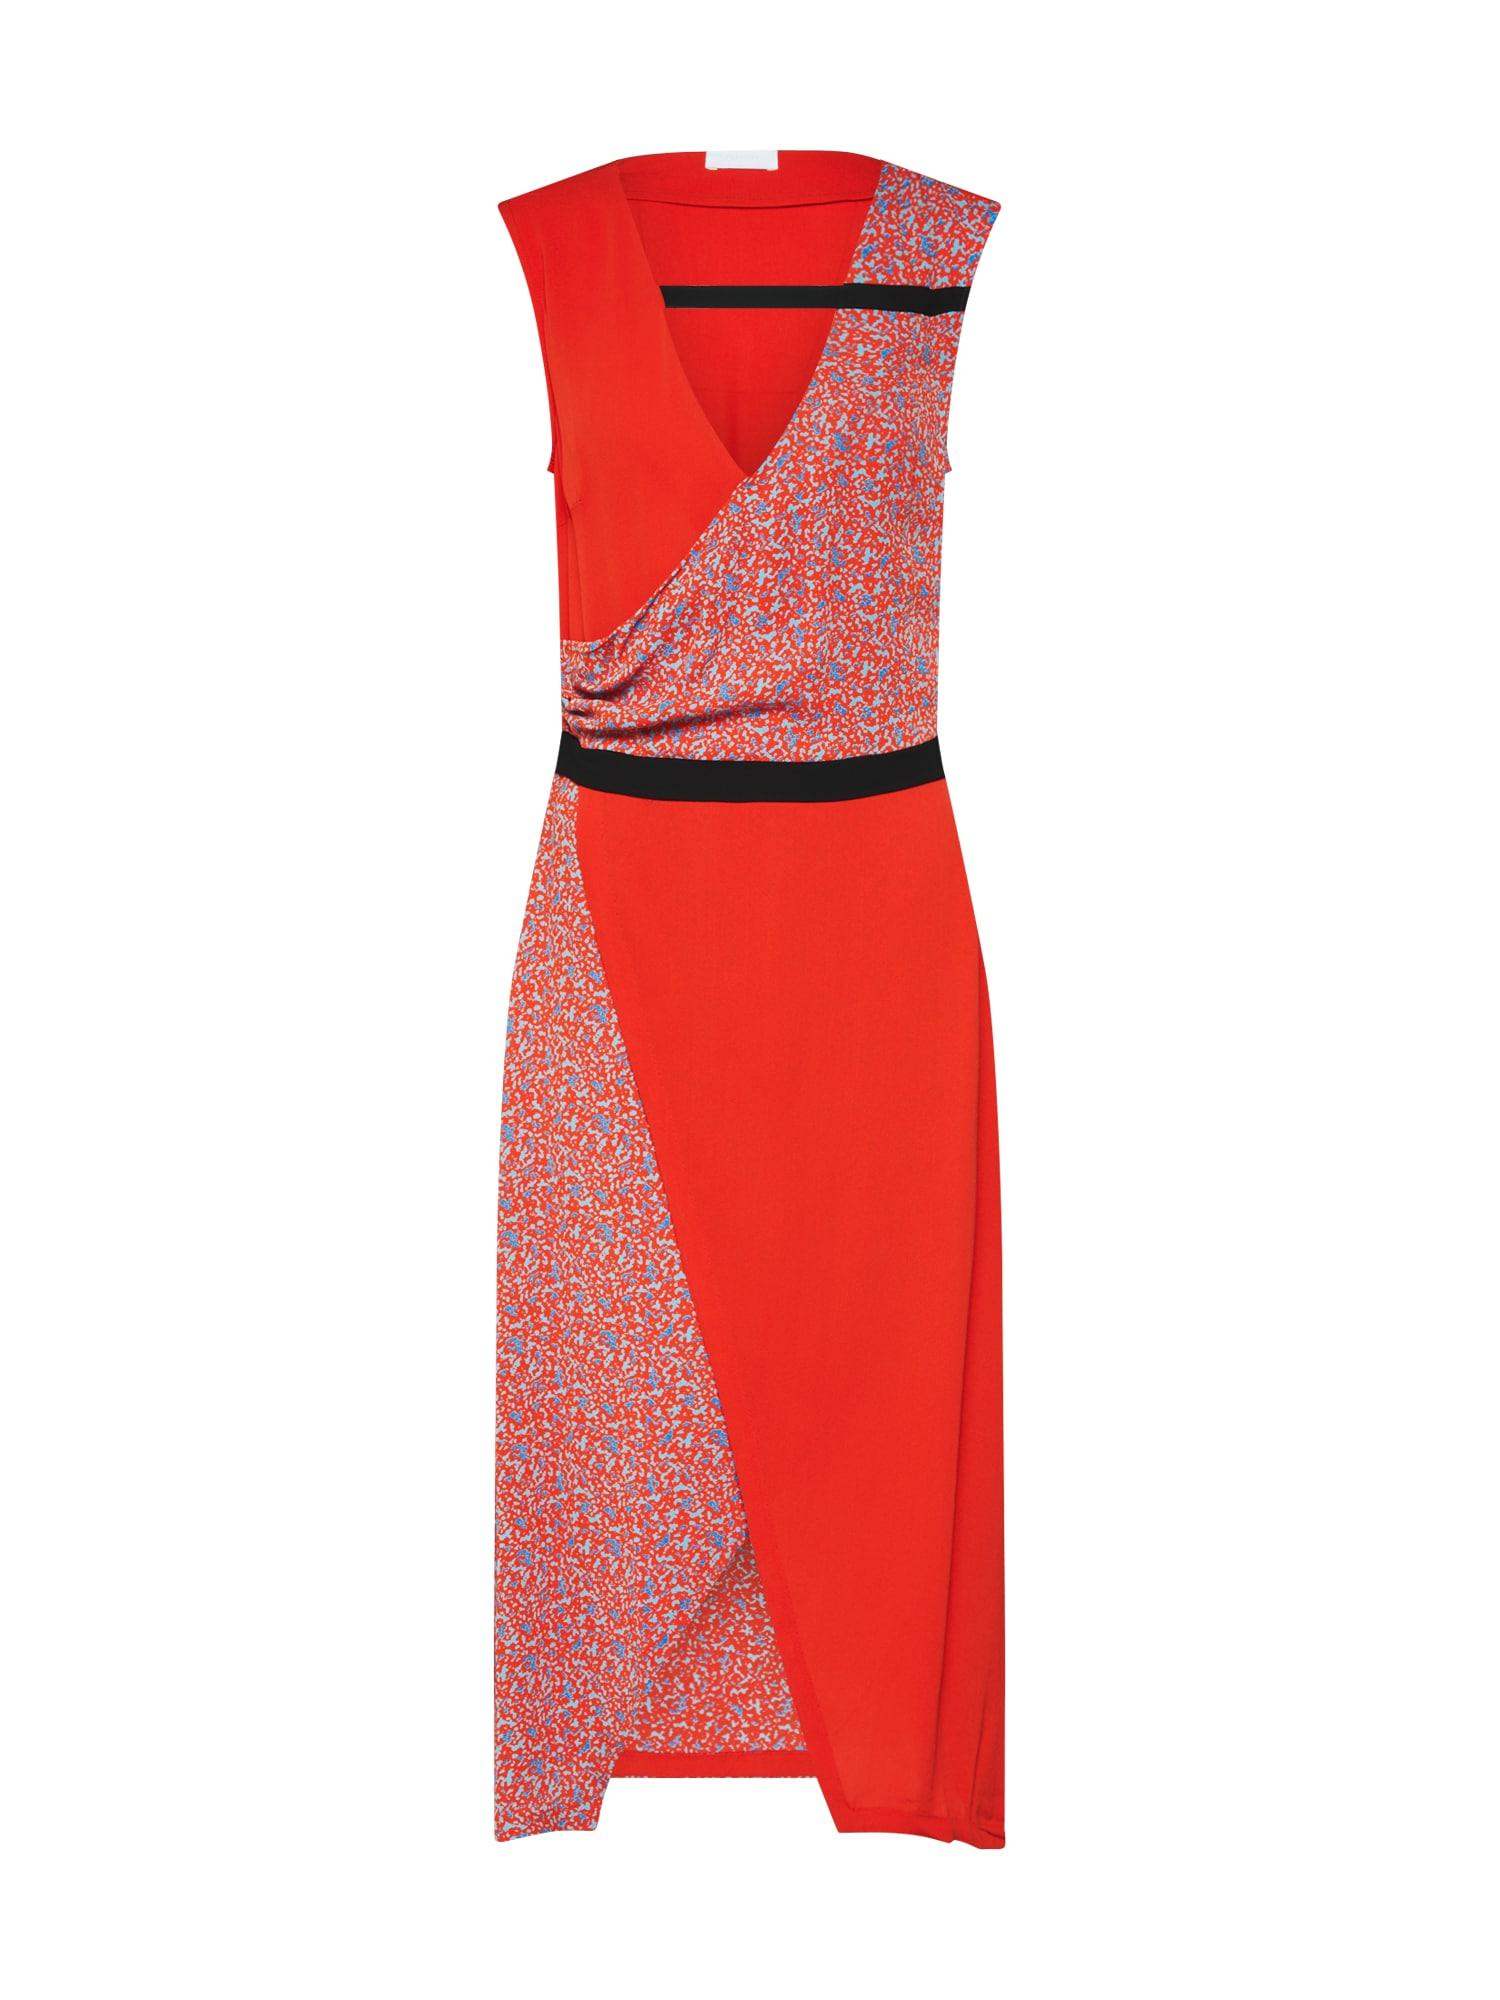 Letní šaty mix barev červená 2ND DAY